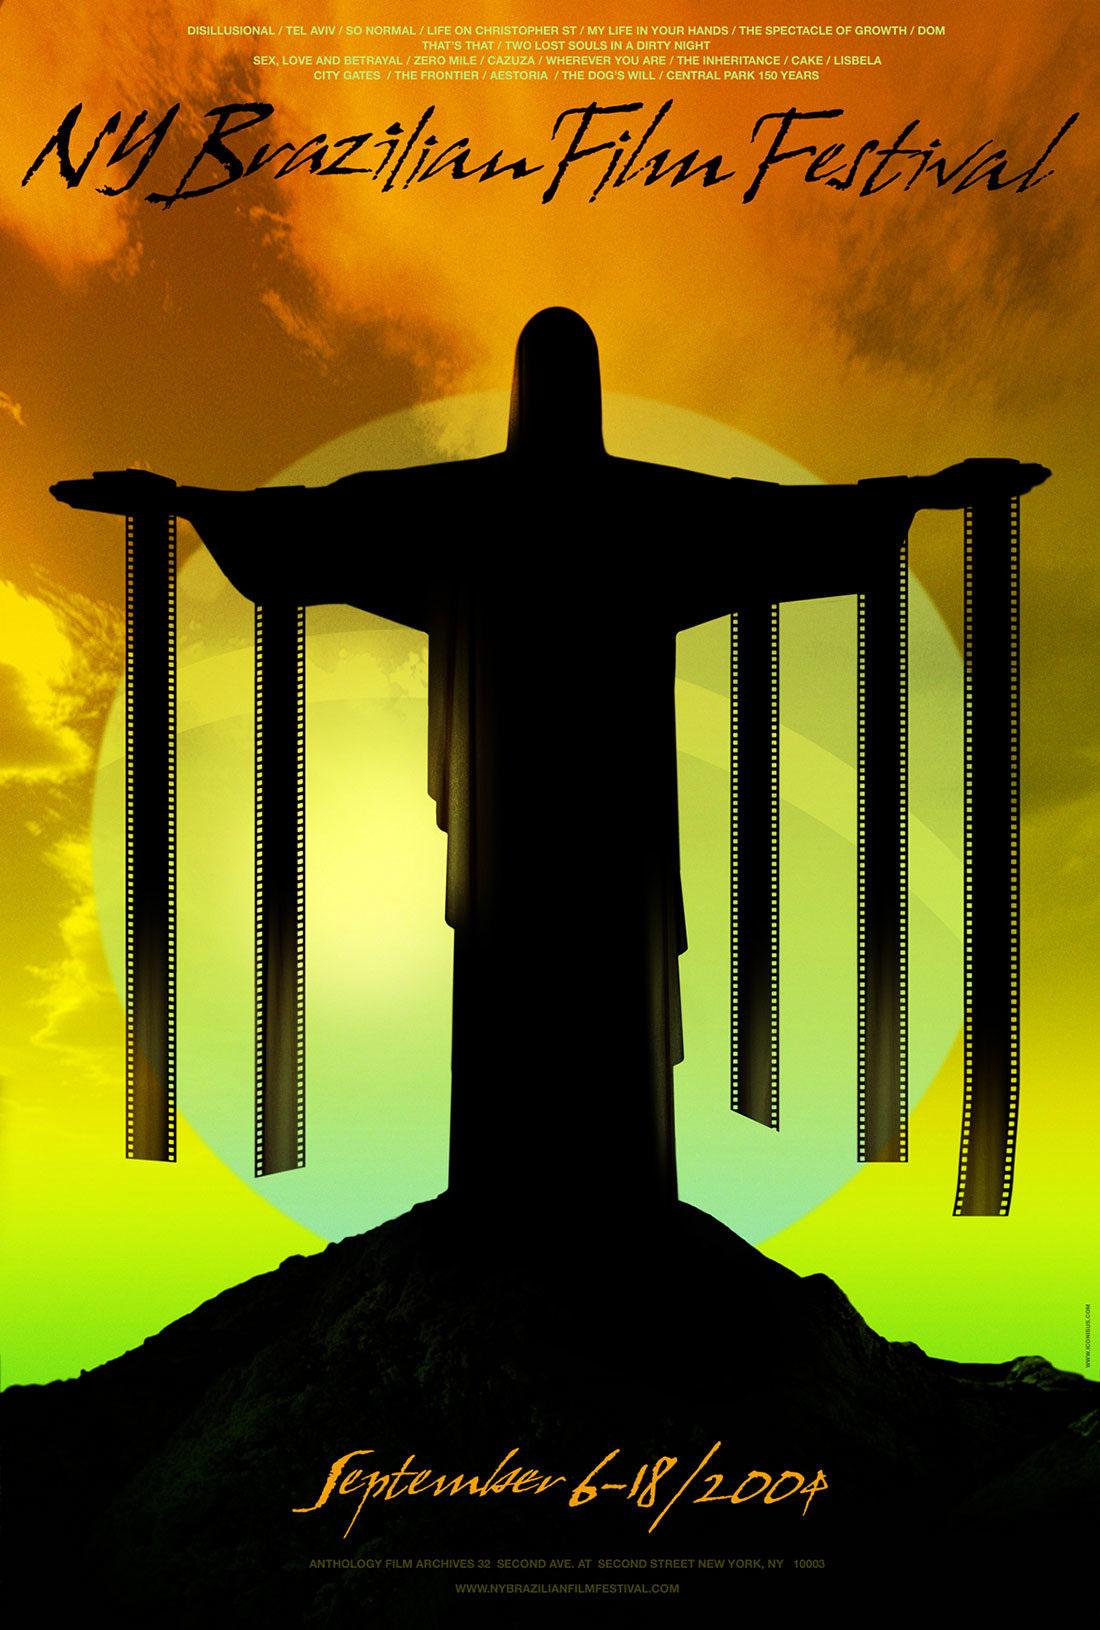 ny-brazilian-film-festival-01